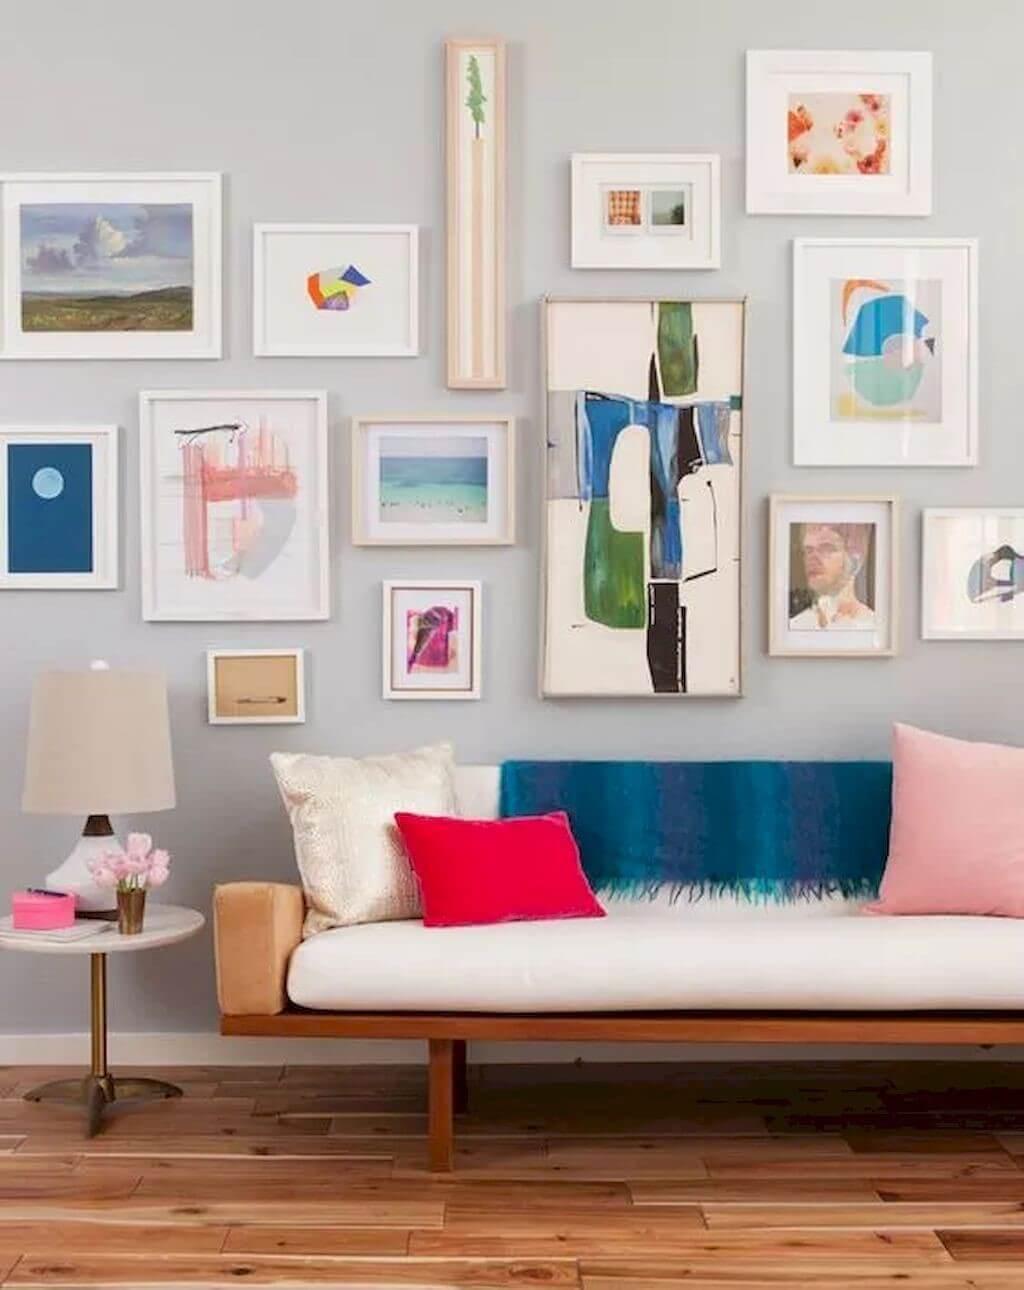 Wall Gallery Ideas Frames